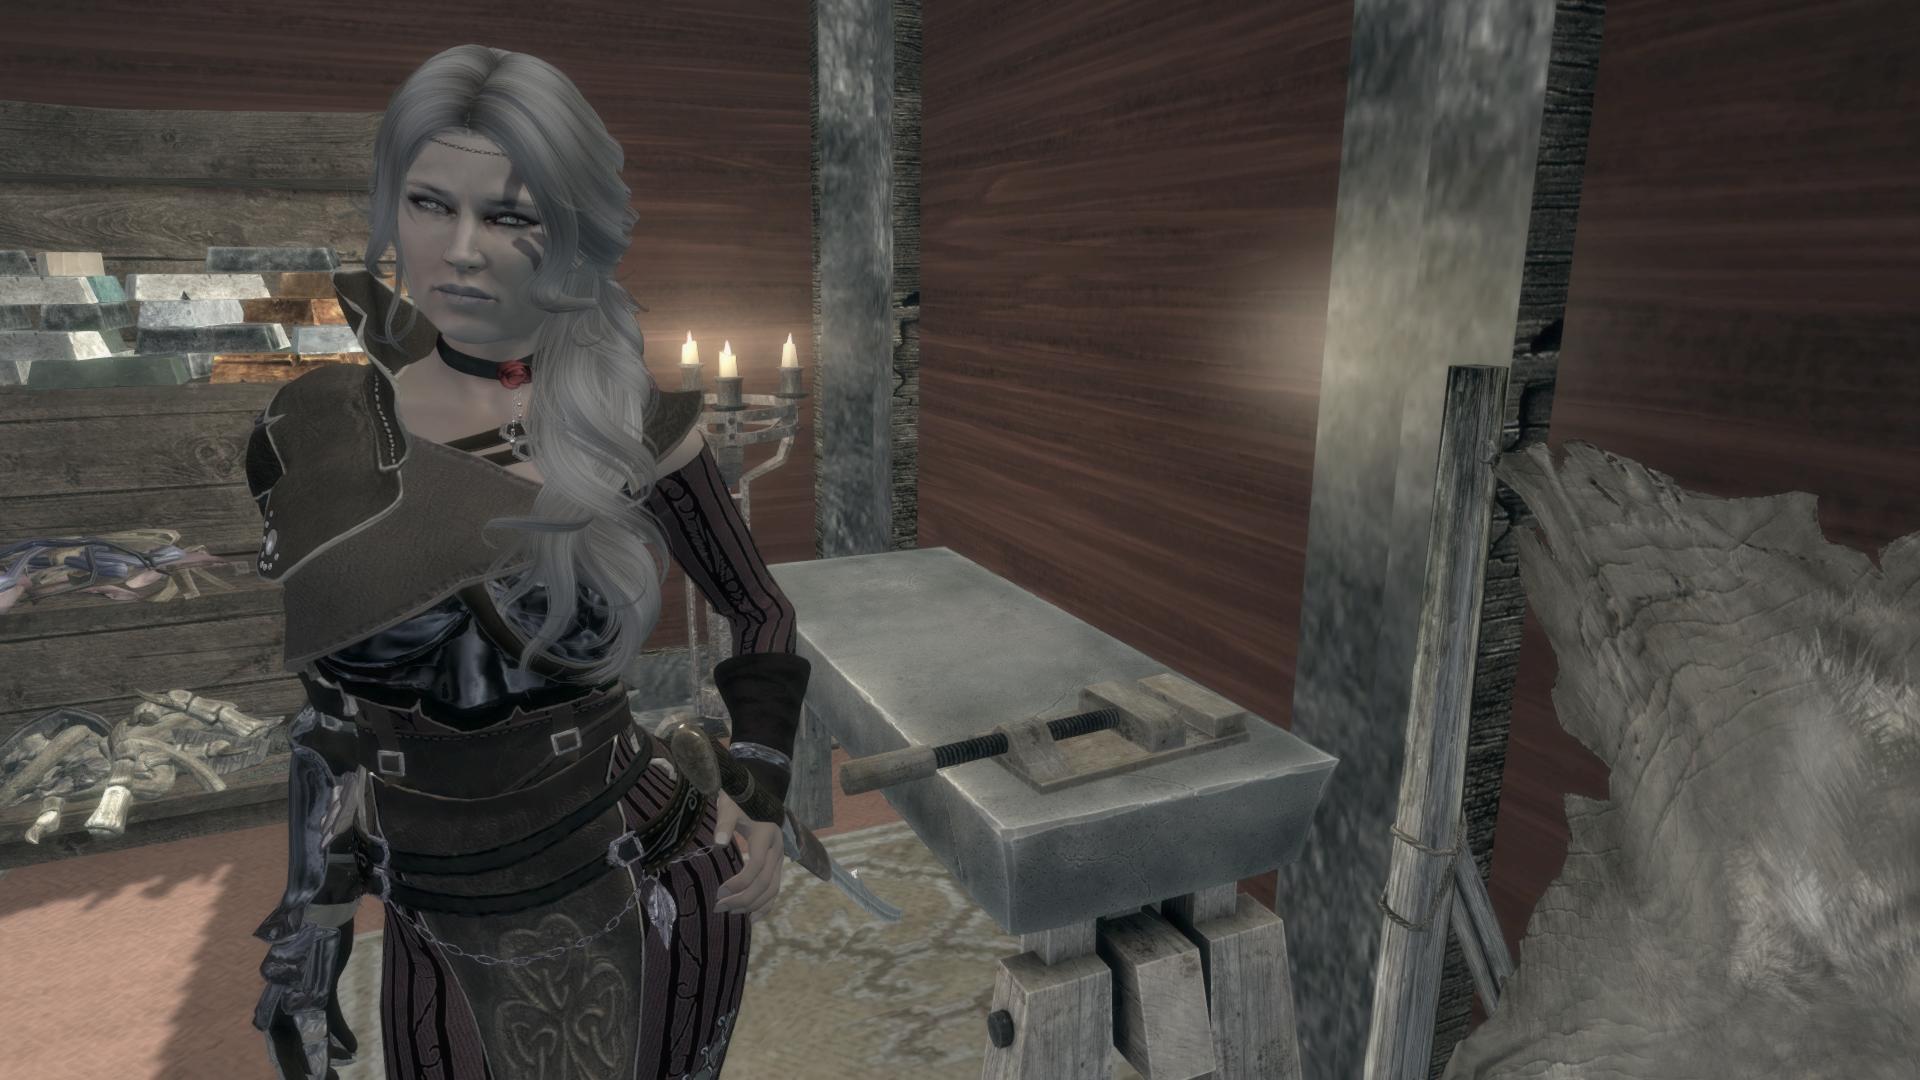 Героиня ракурс 28 - Elder Scrolls 5: Skyrim, the